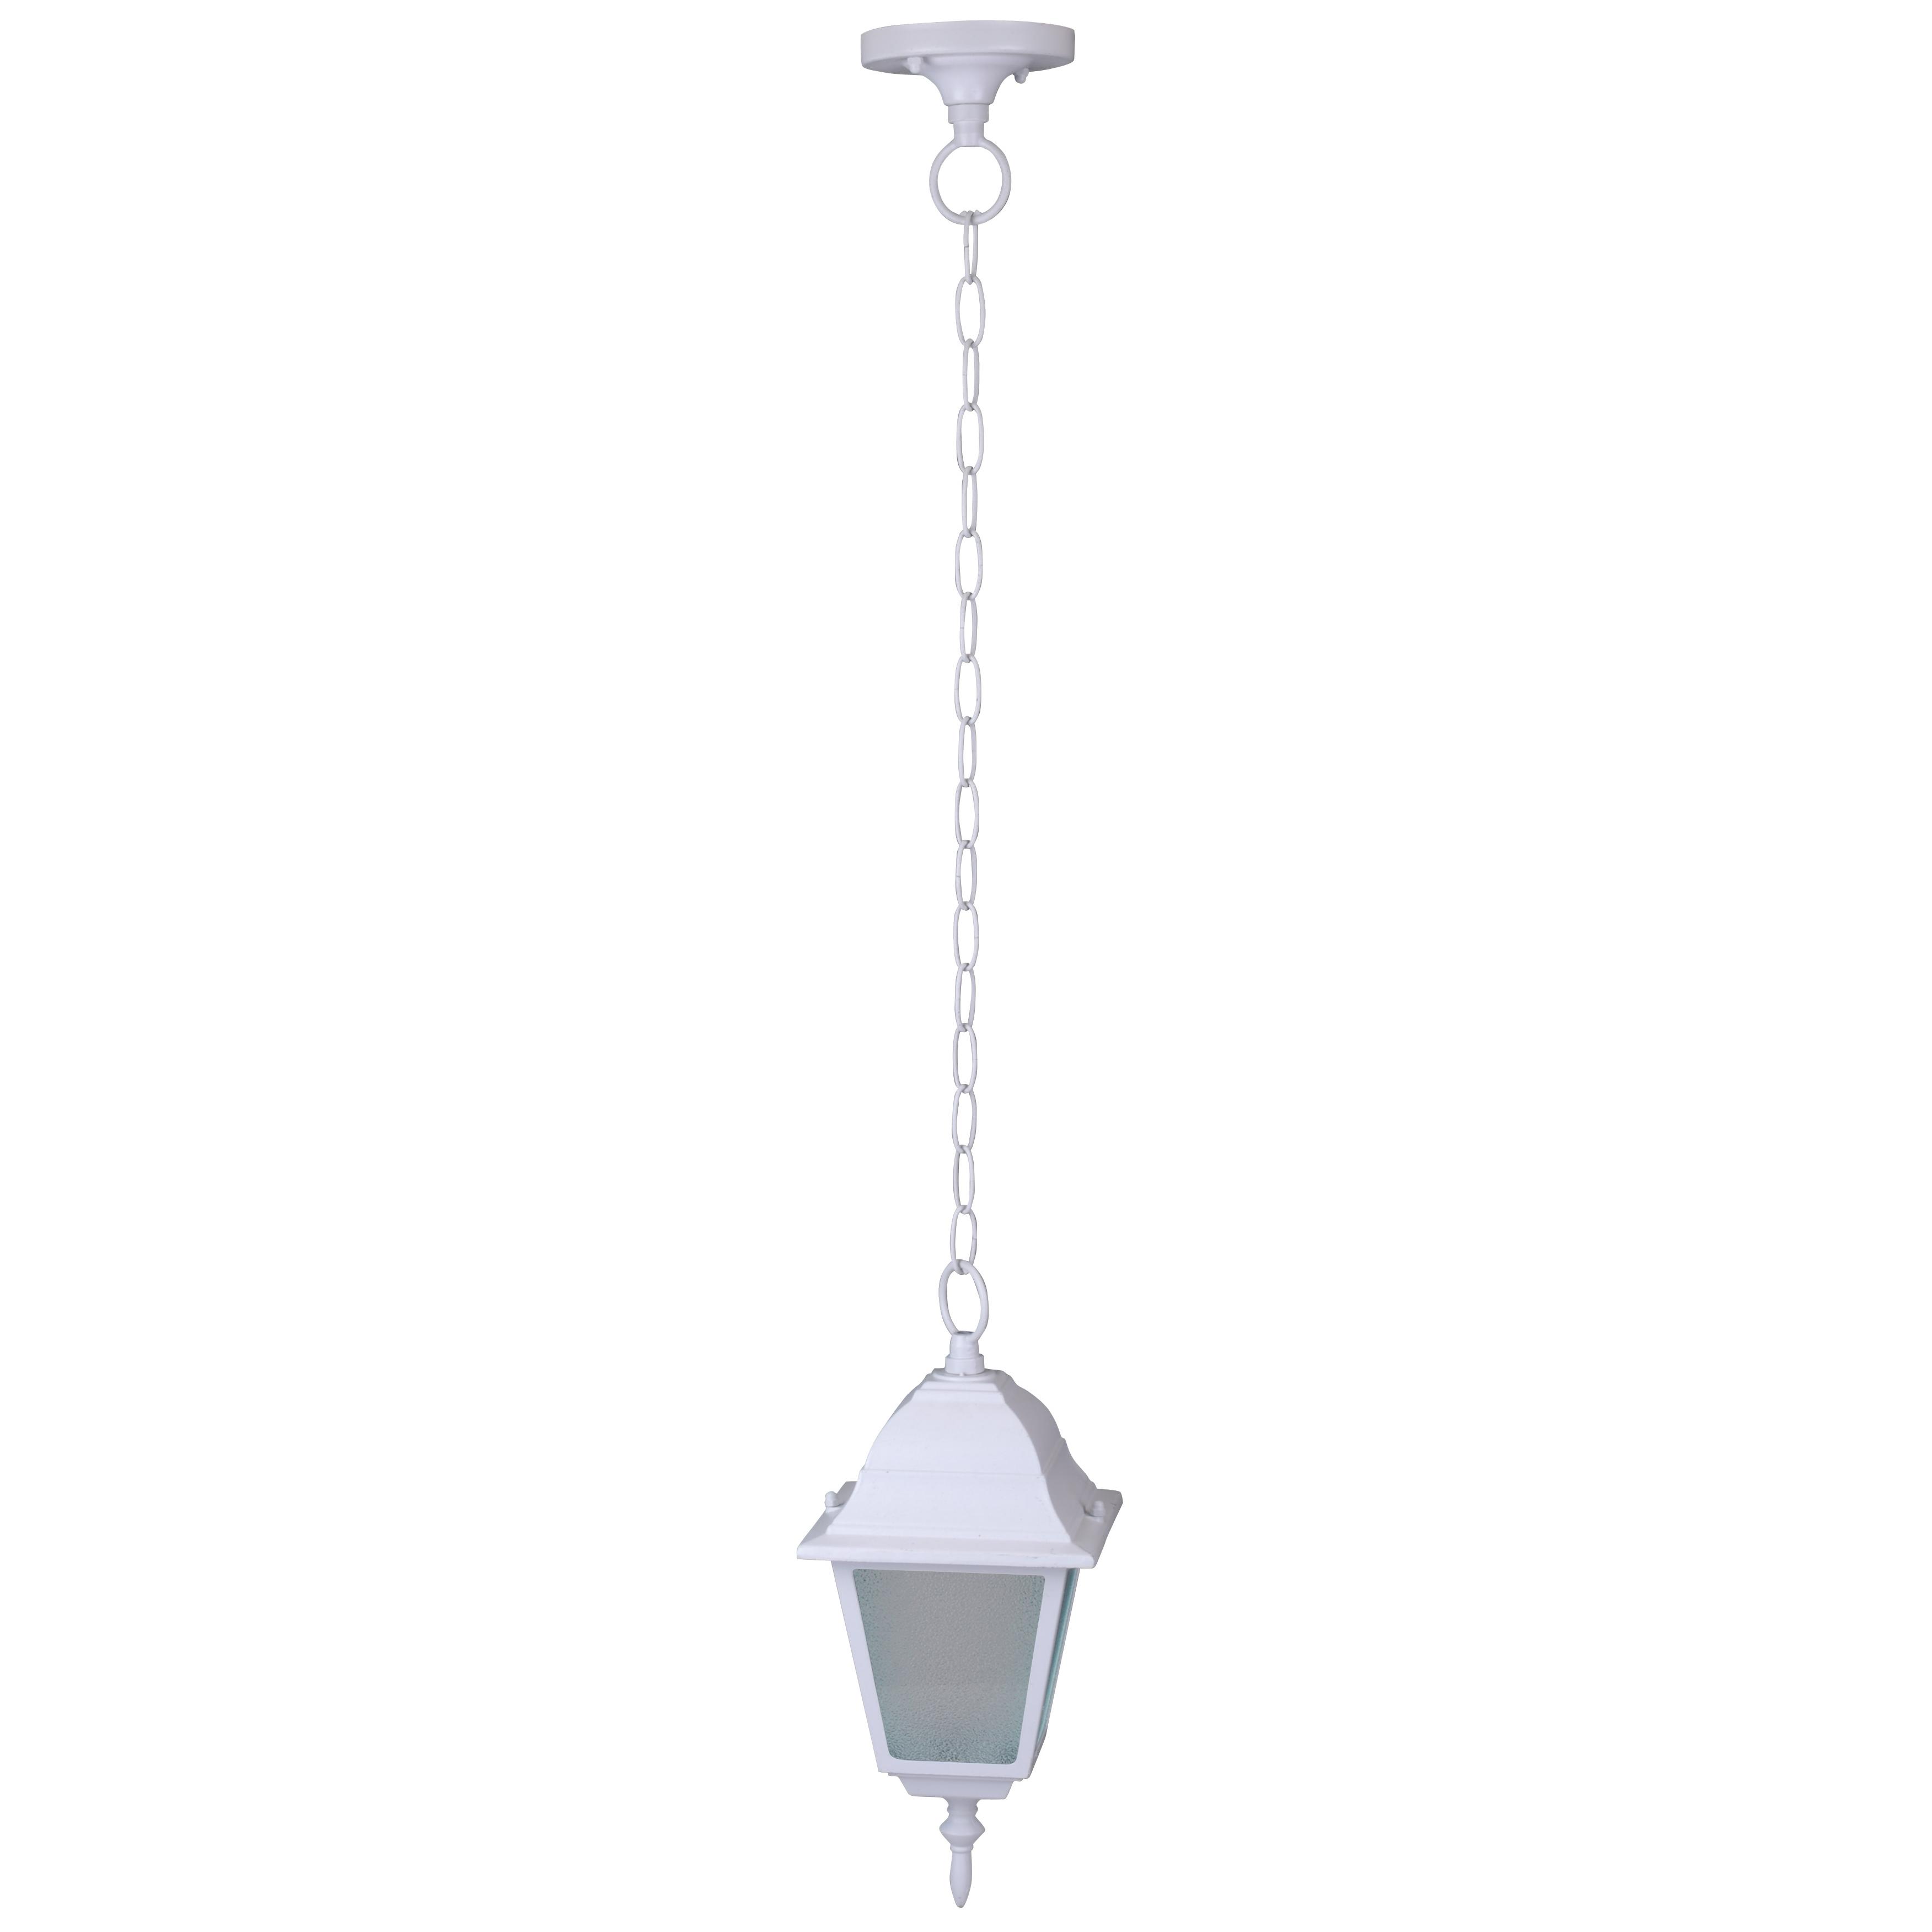 Купить со скидкой Светильник уличный Arte lamp Bremen a1015so-1wh